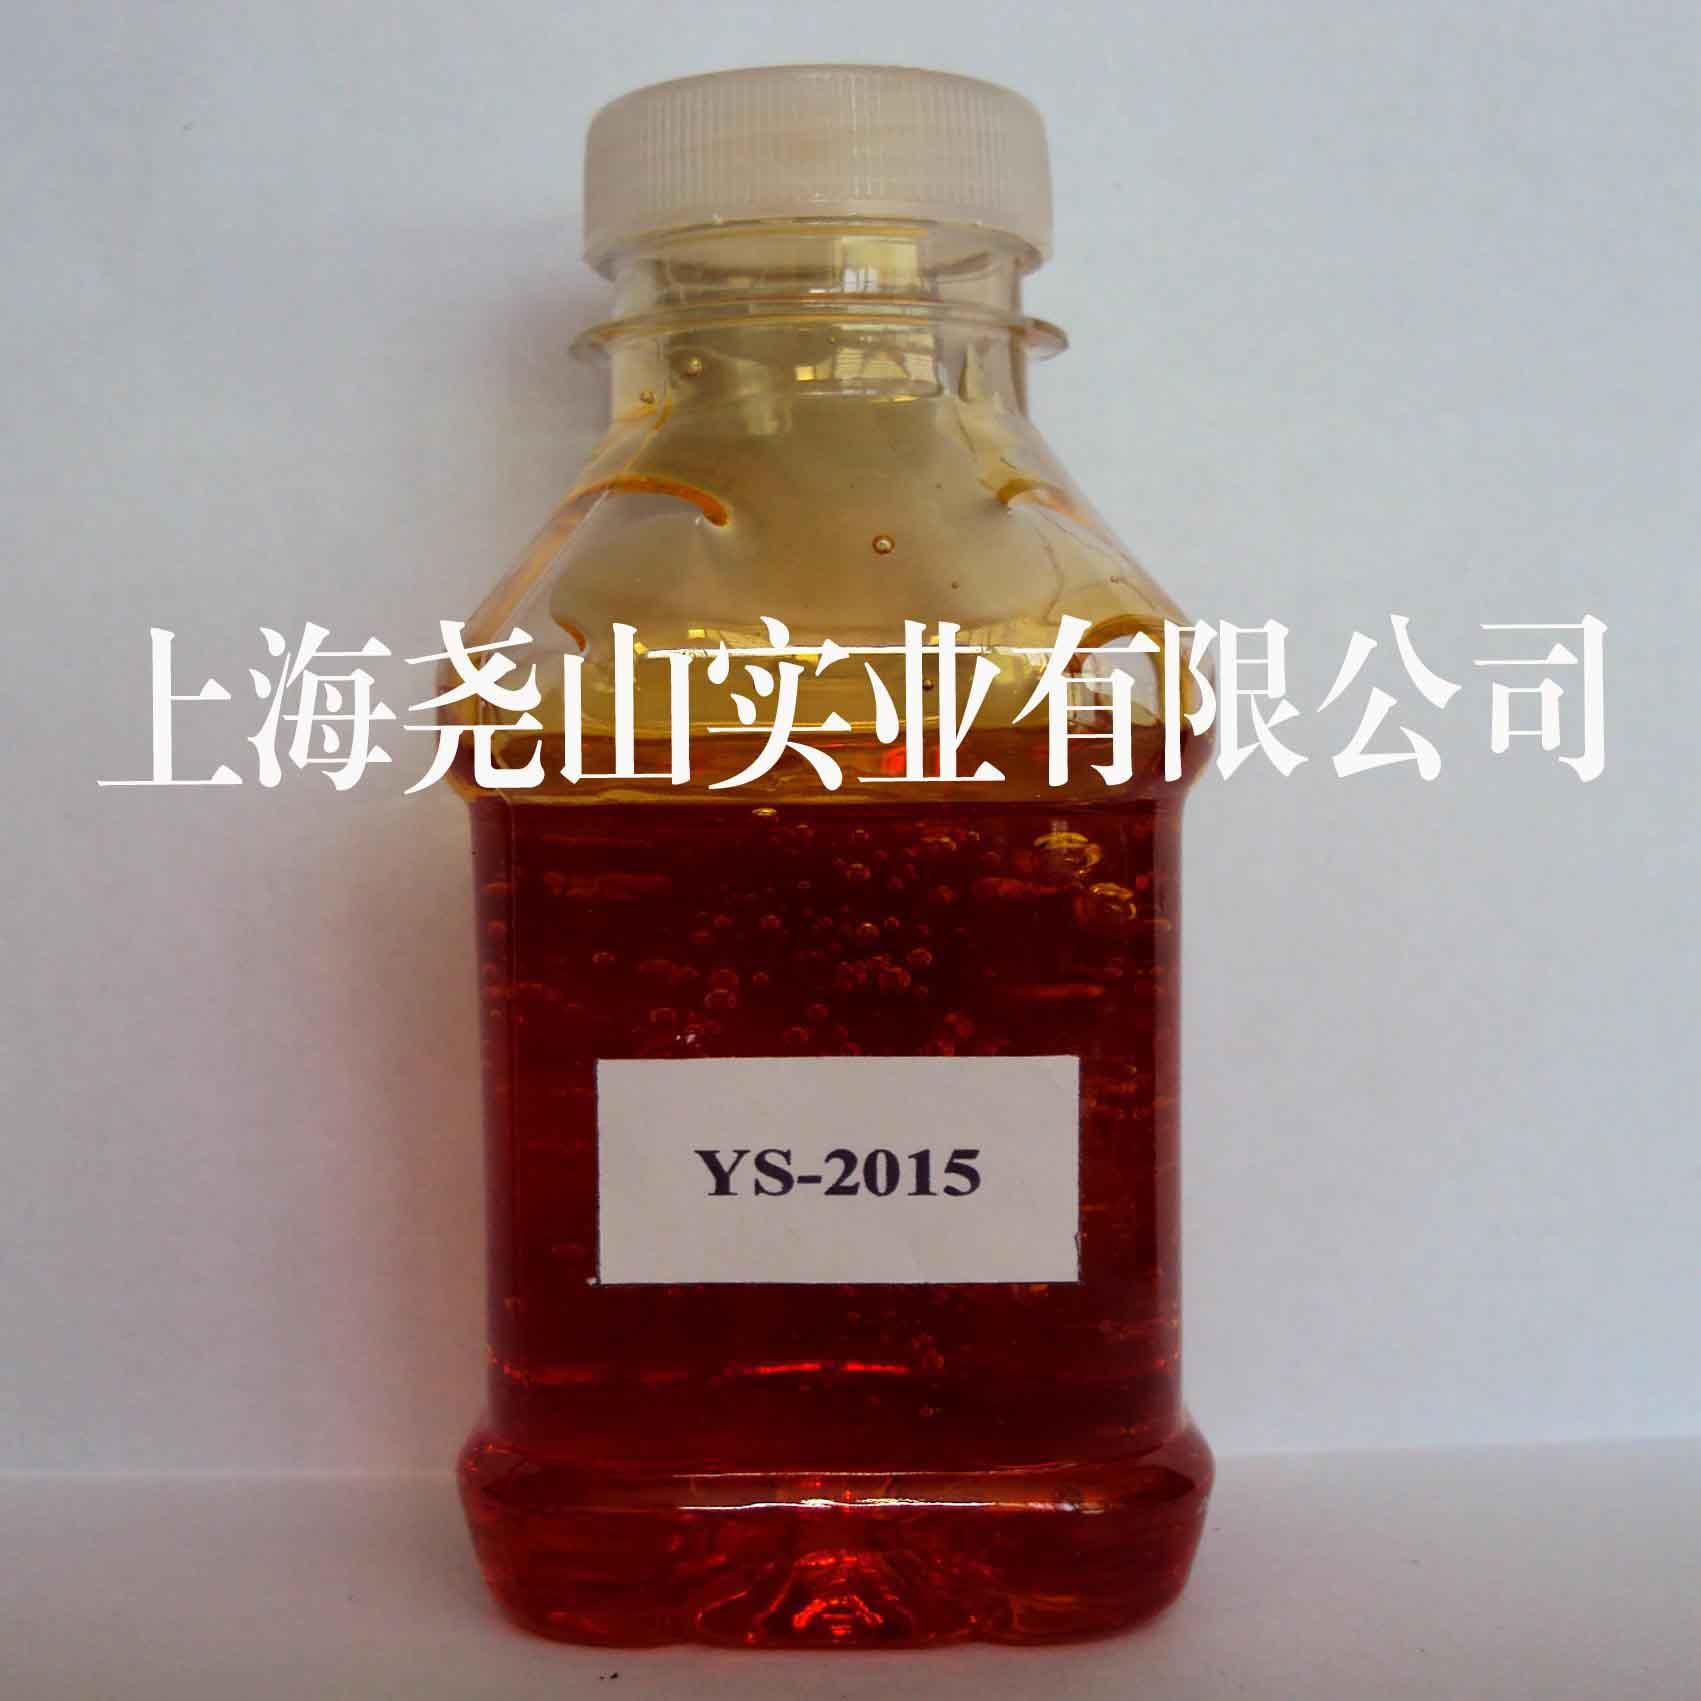 供应上海北京10元浅色地坪固化剂 调色中涂 哑光固化剂找尧山